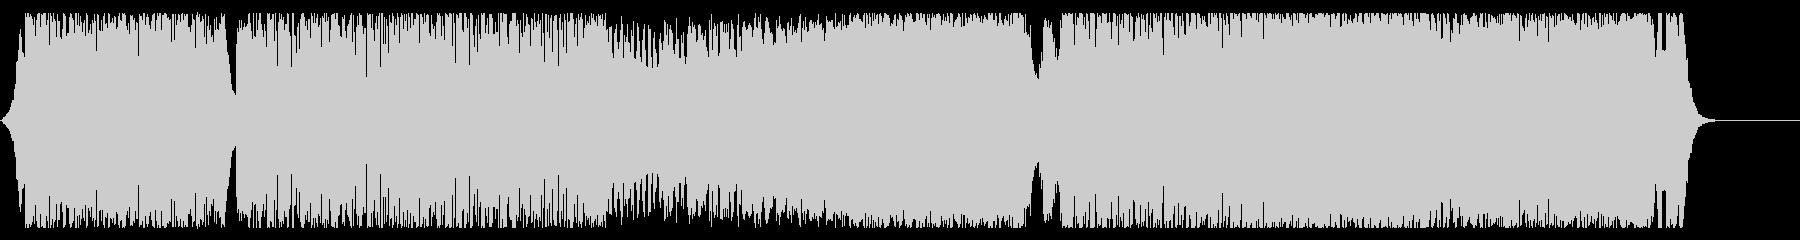 明るく快活ノリの良いテクノポップ曲です。の未再生の波形